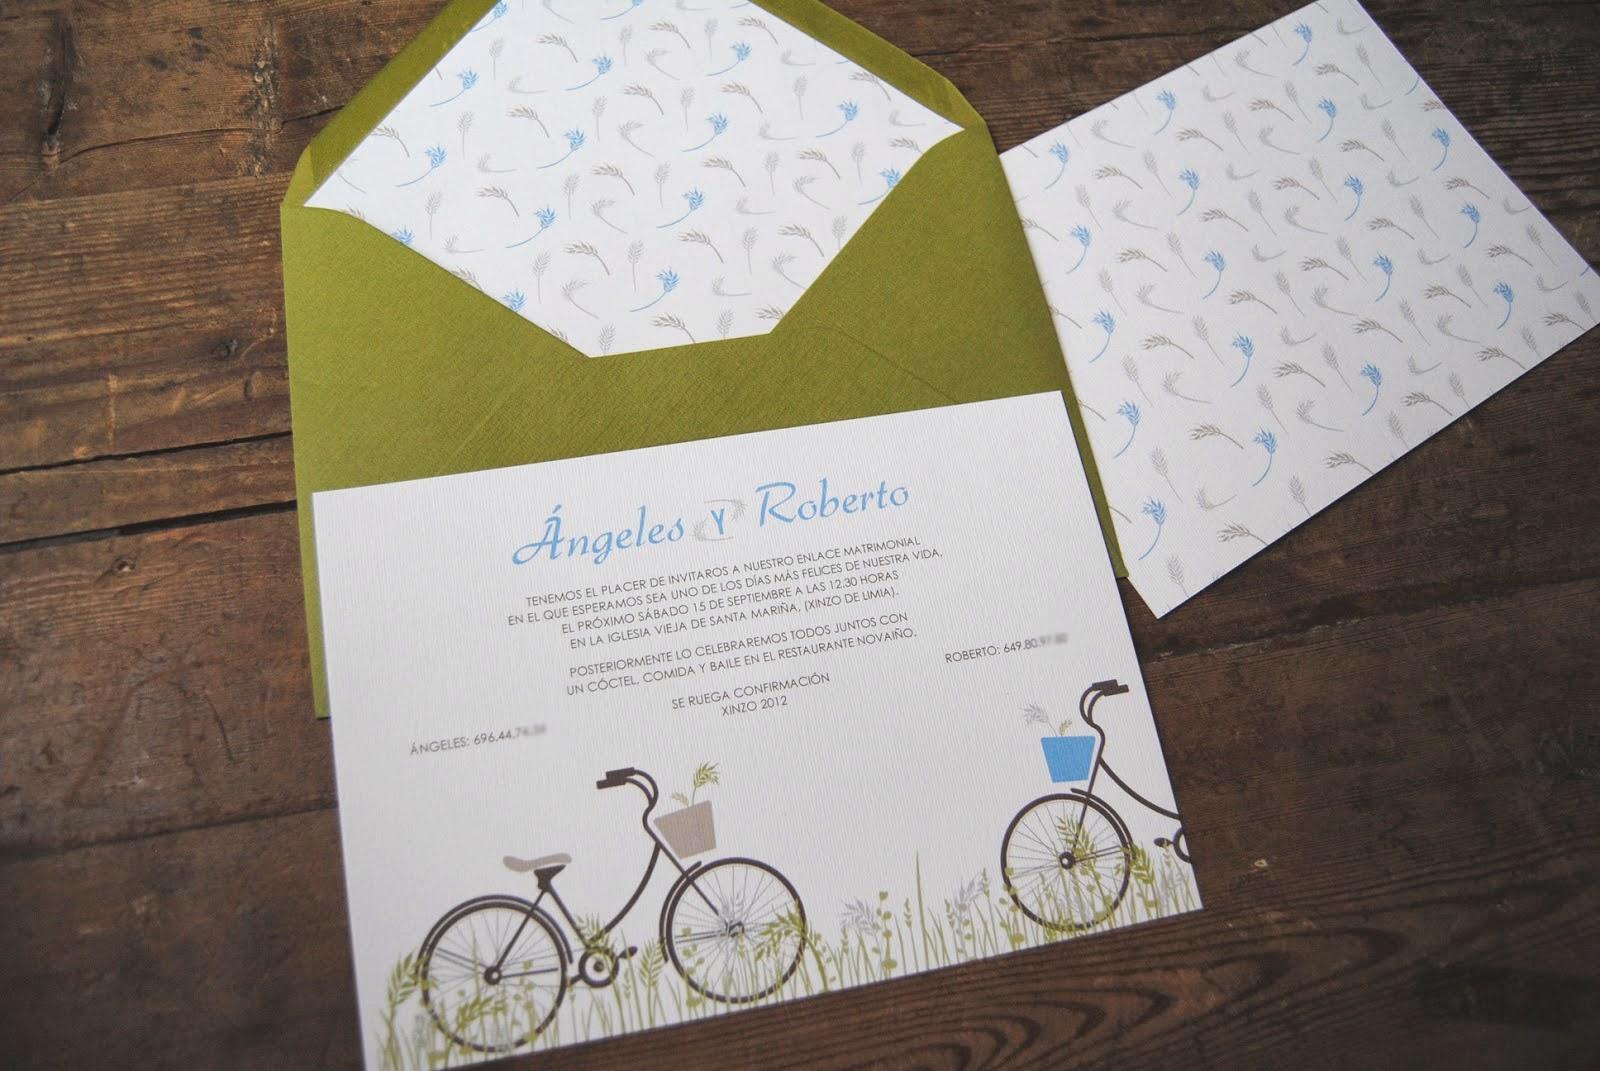 Bodas cucas 5 textos originales para invitaciones de boda - Tarjetas de invitacion de boda originales ...